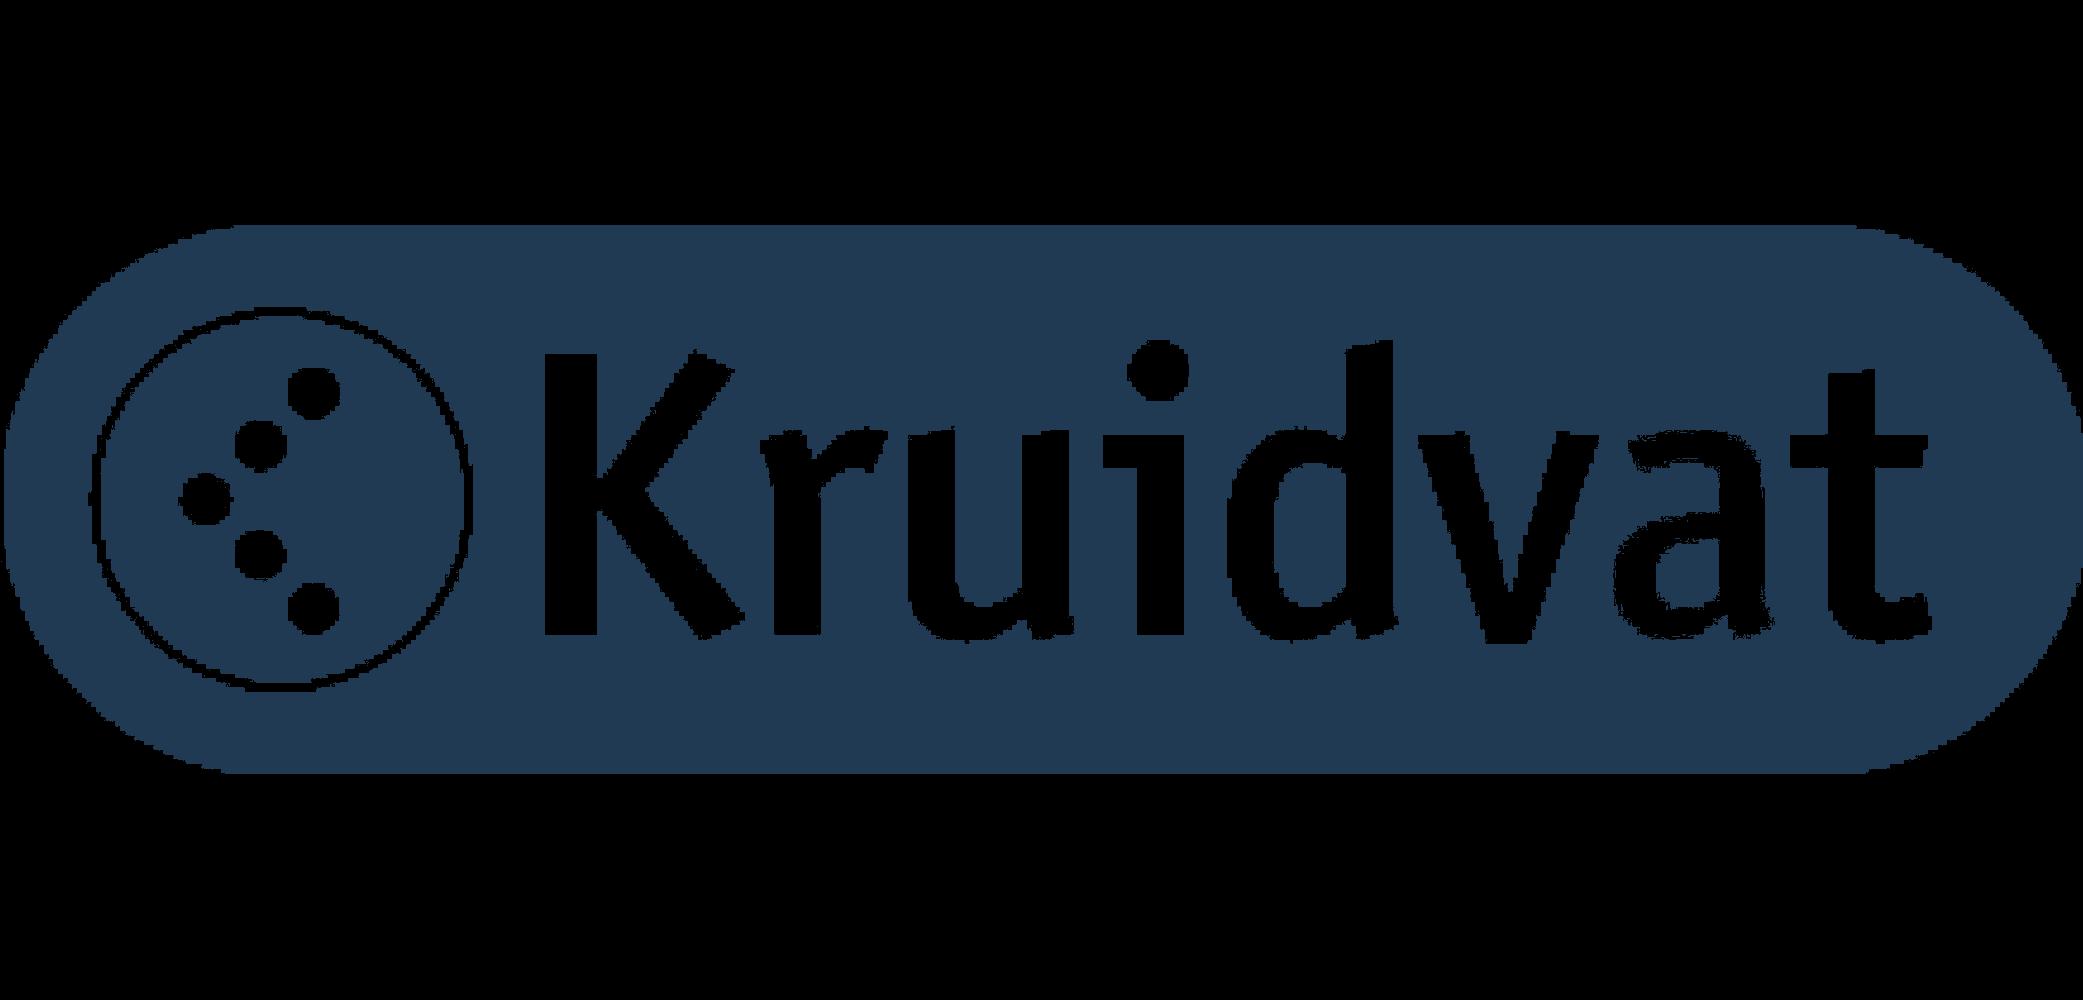 kruidvat-1 (1)